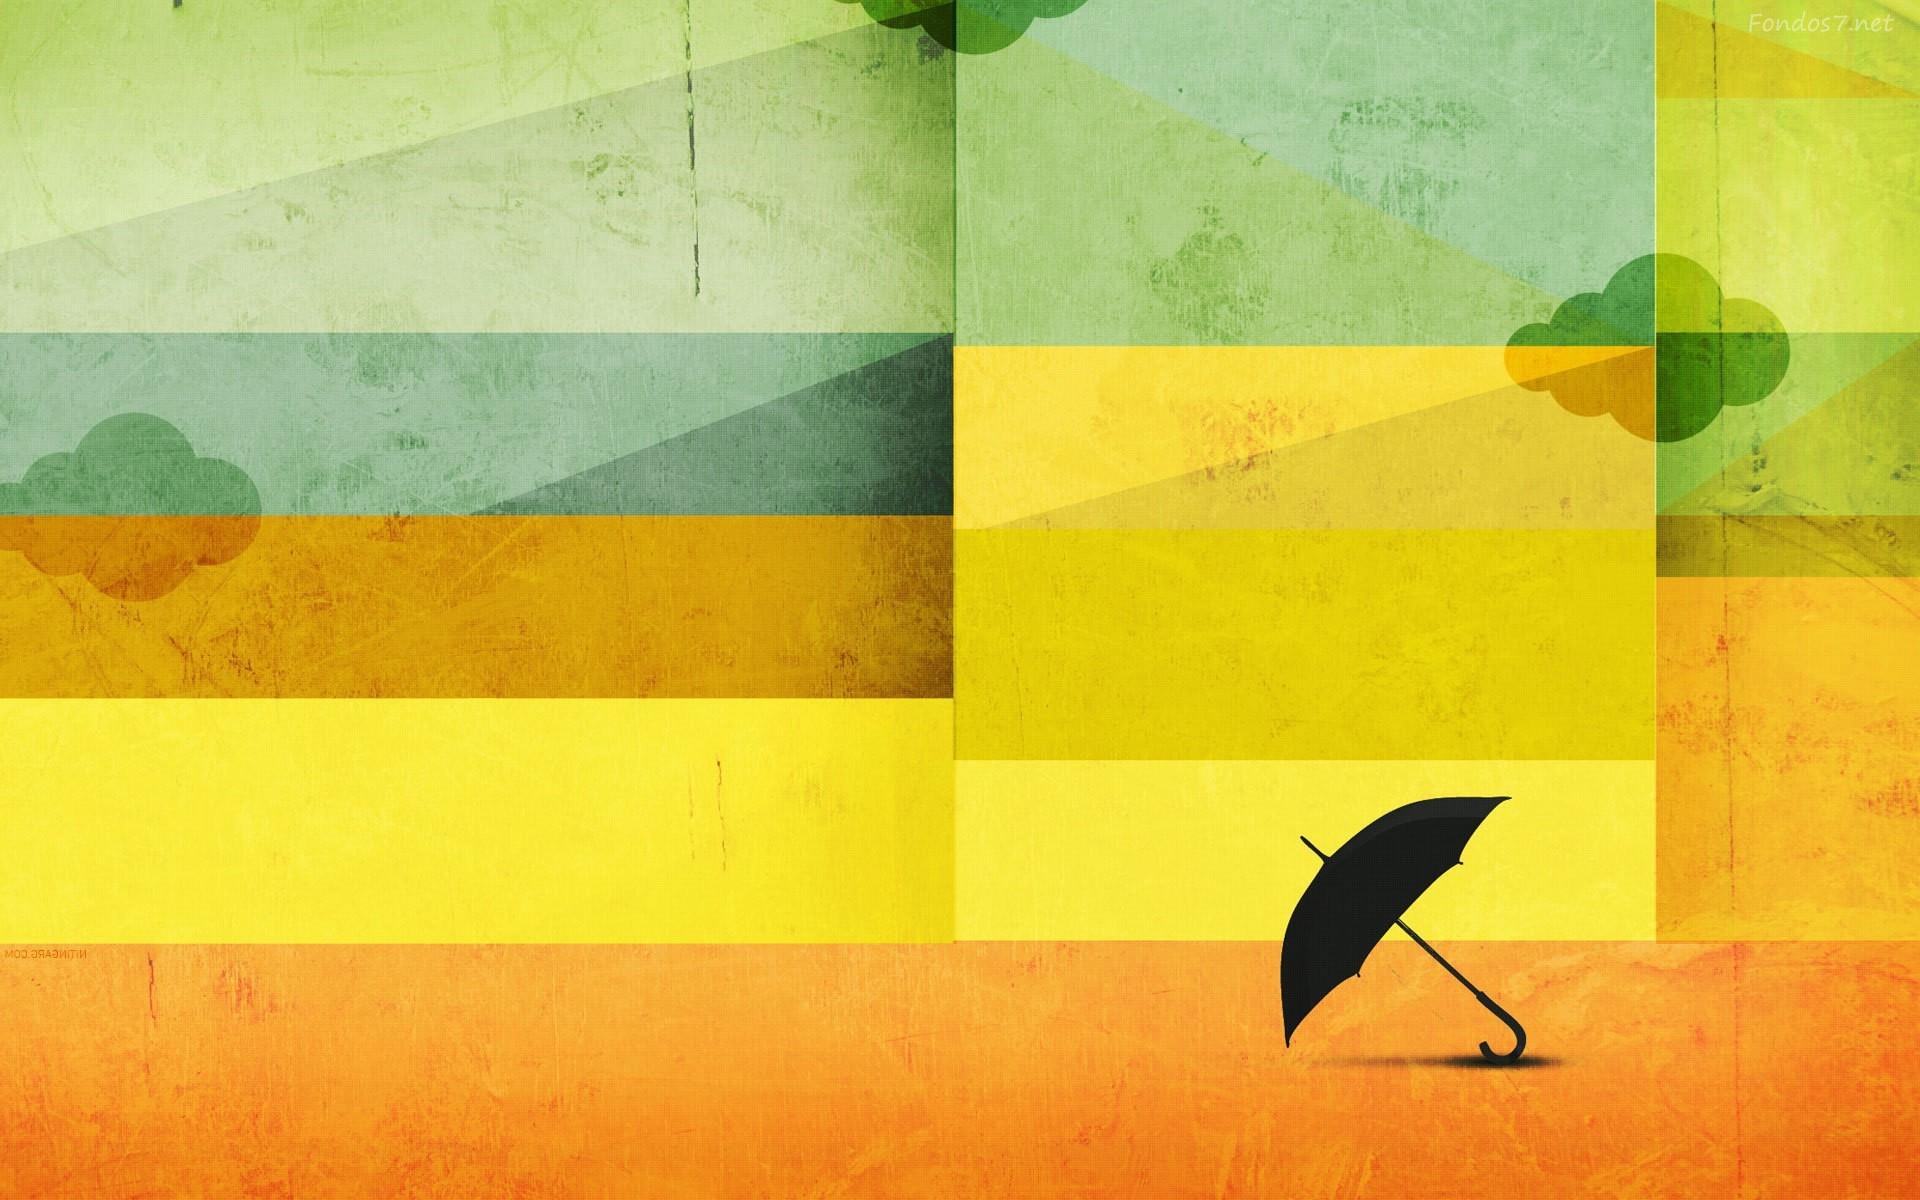 Umbrella Abstract - HD Wallpaper